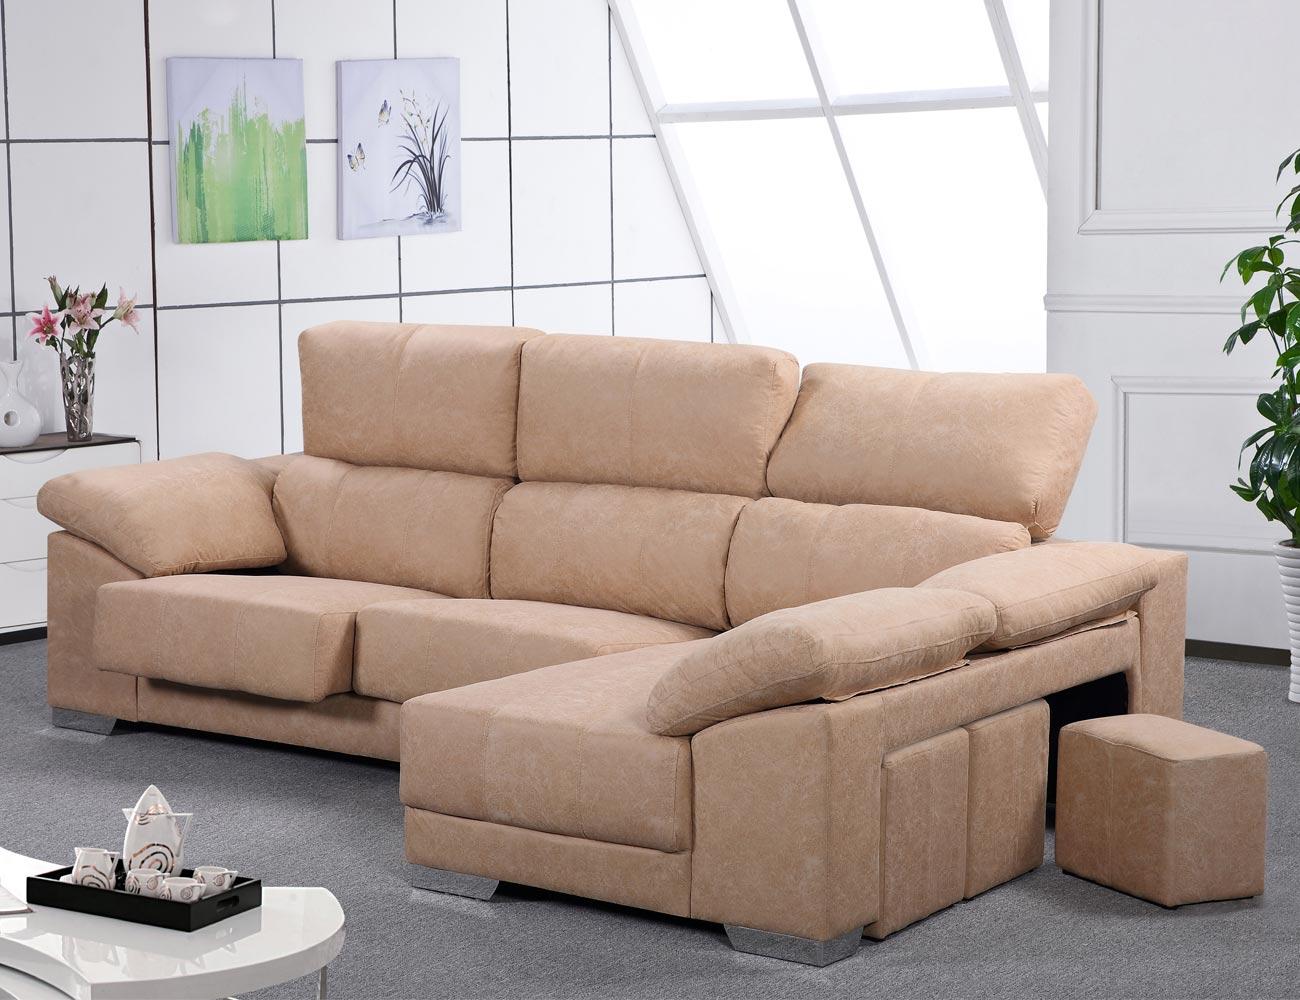 Sof chaiselongue reversible con asientos extra bles y cabezales reclinables en tela jade 19479 - Cabezales de tela ...